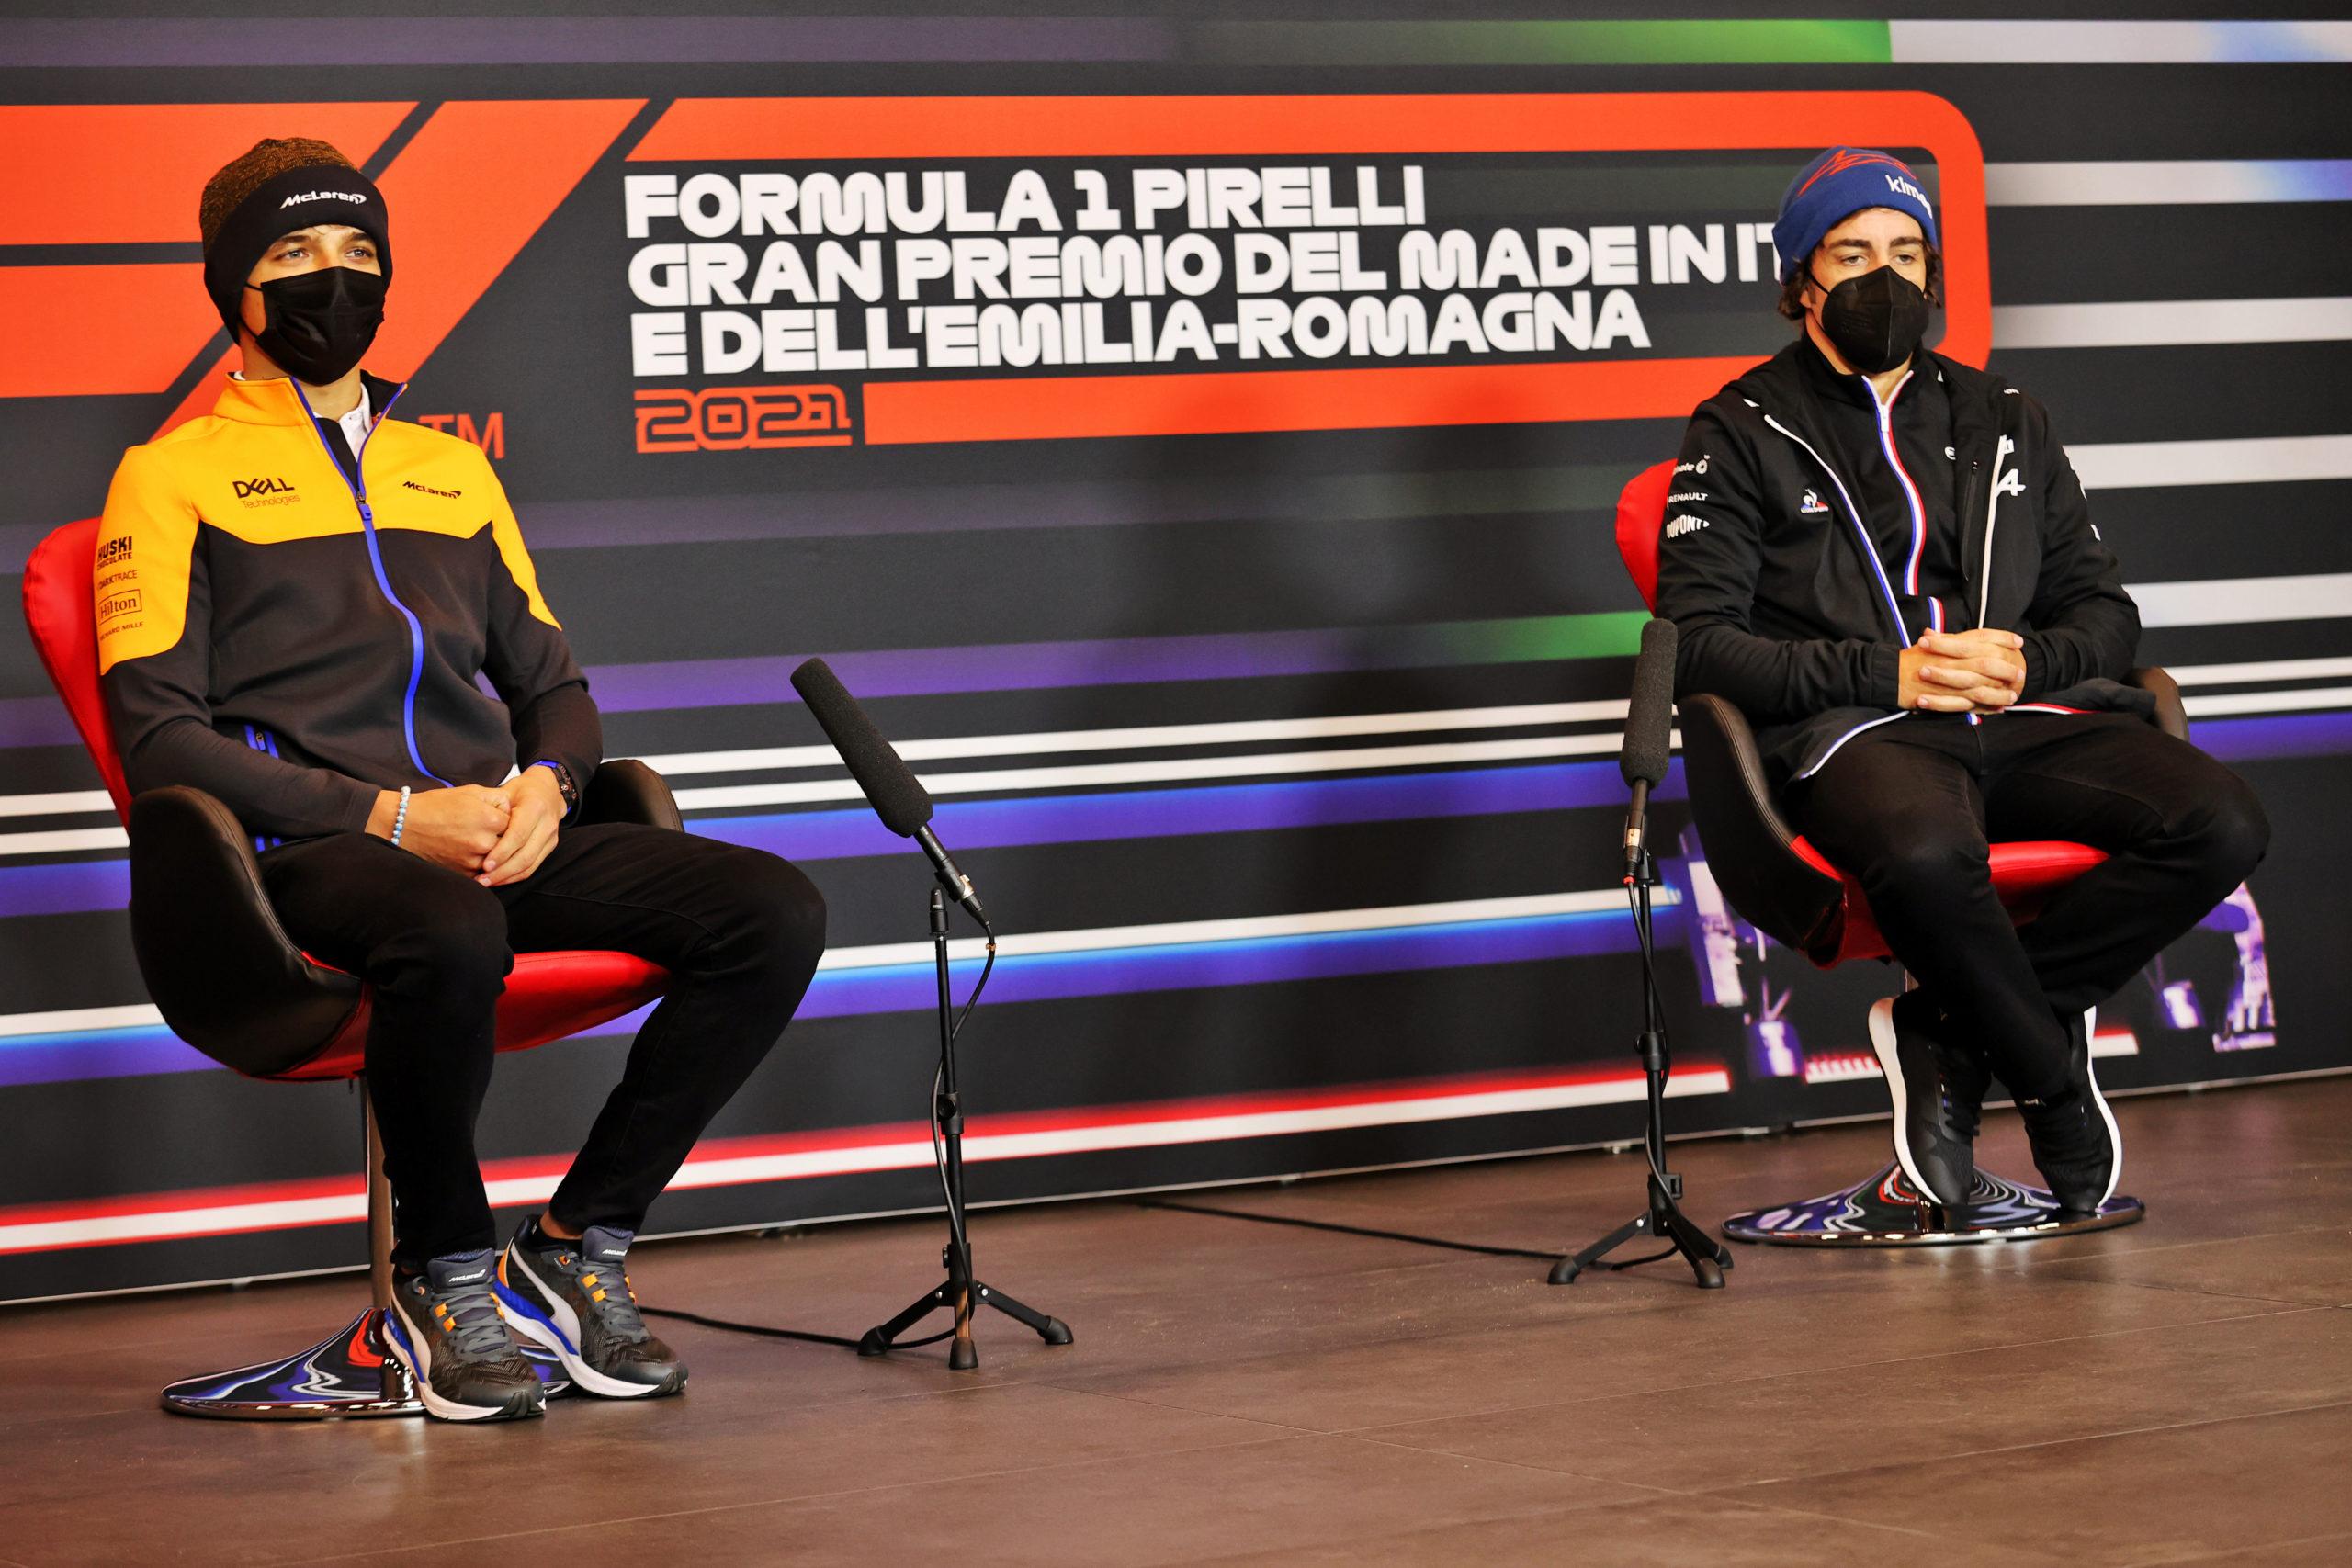 (L to R): Lando Norris (GBR) McLaren and Fernando Alonso (ESP) Alpine F1 Team in the FIA Press Conference. Emilia Romagna Grand Prix, Thursday 15th April 2021. Imola, Italy.